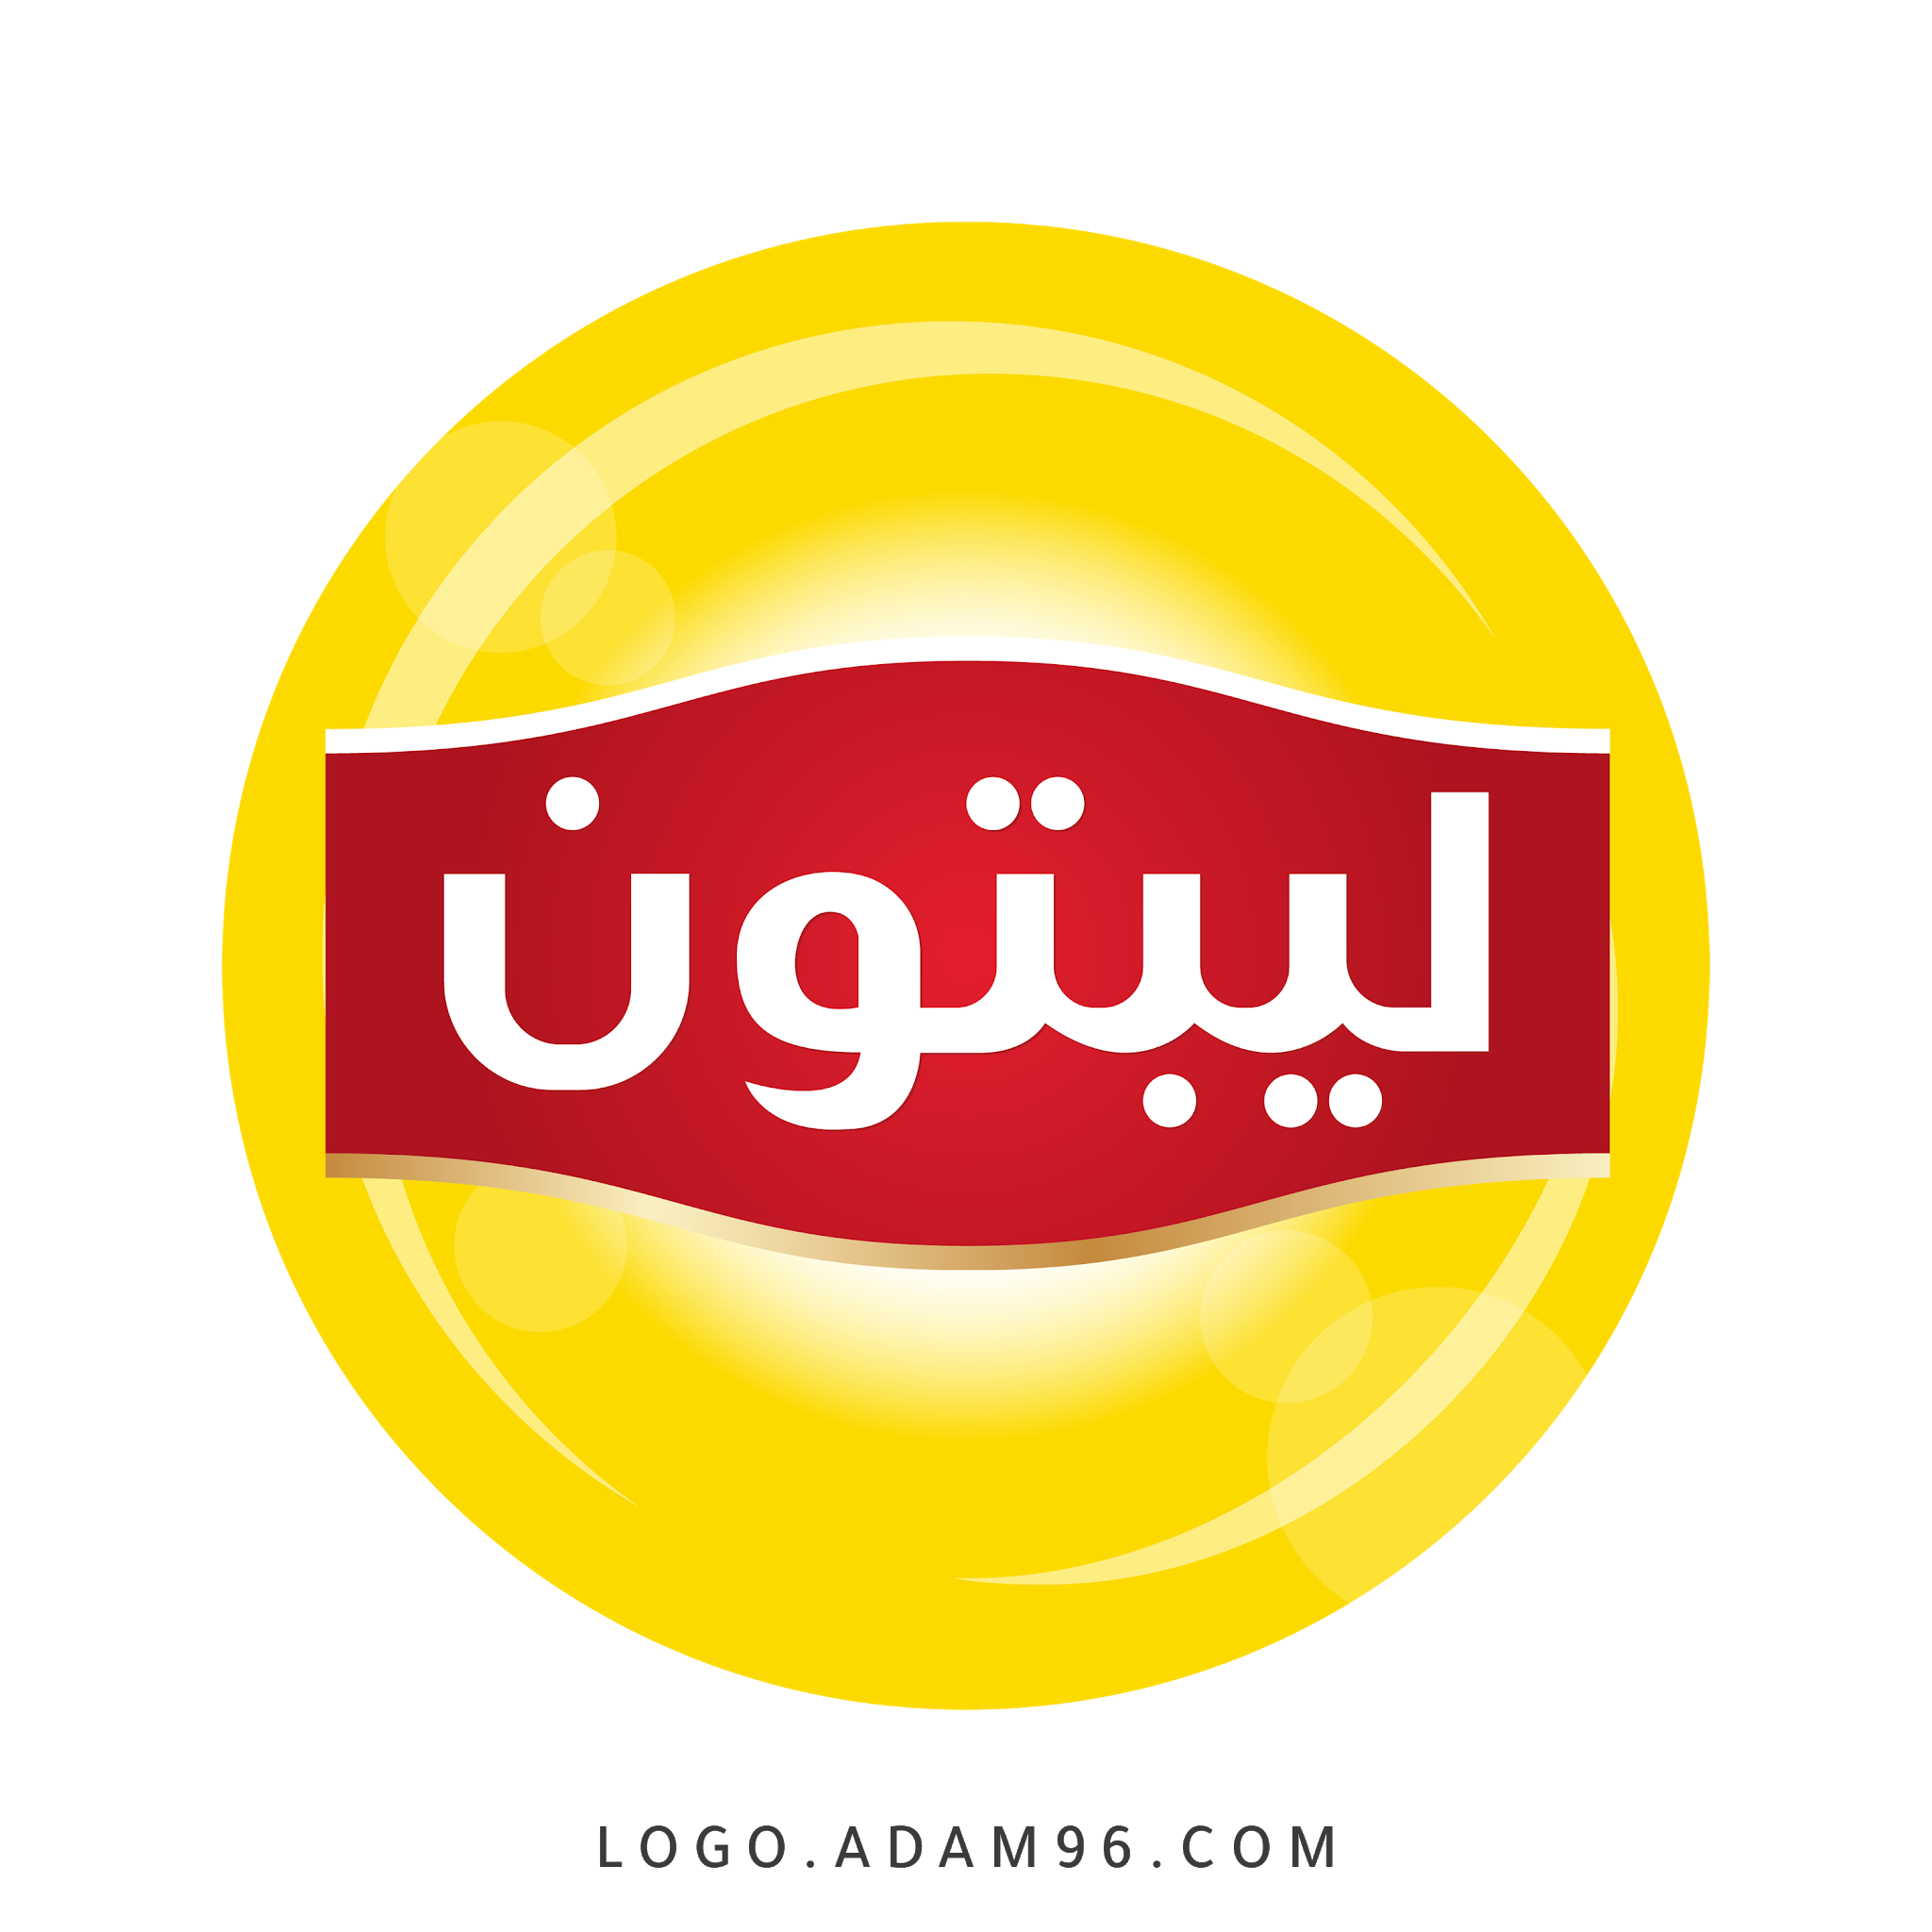 تحميل شعار ليبتون الرسمي لوجو بجودة عالية PNG - شعارات تجارية